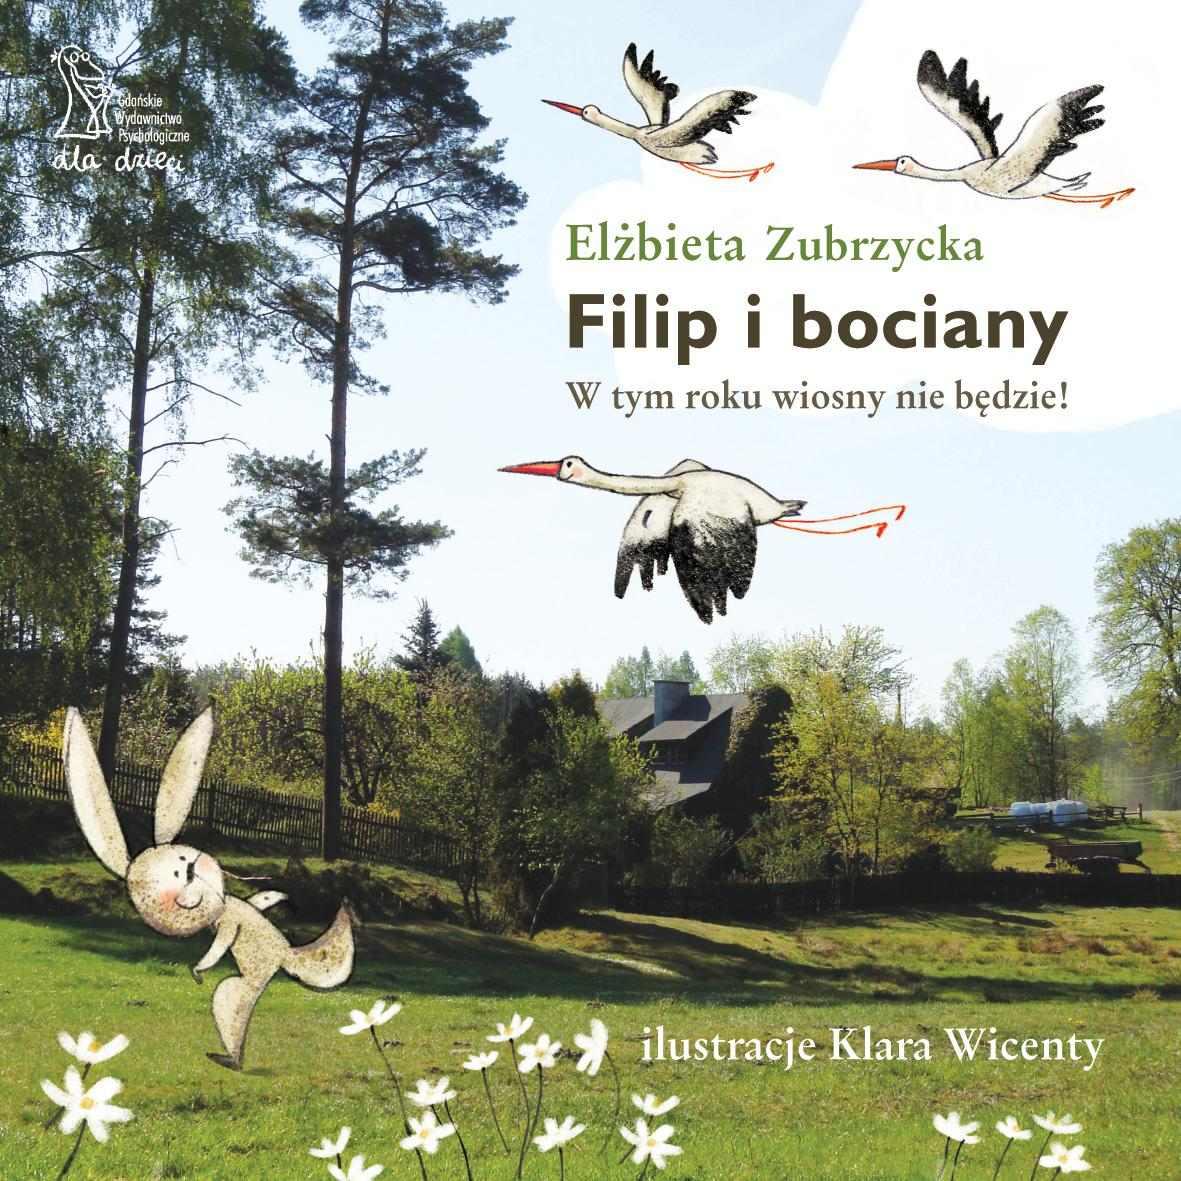 Filip i bociany. W tym roku wiosny nie będzie - Ebook (Książka EPUB) do pobrania w formacie EPUB